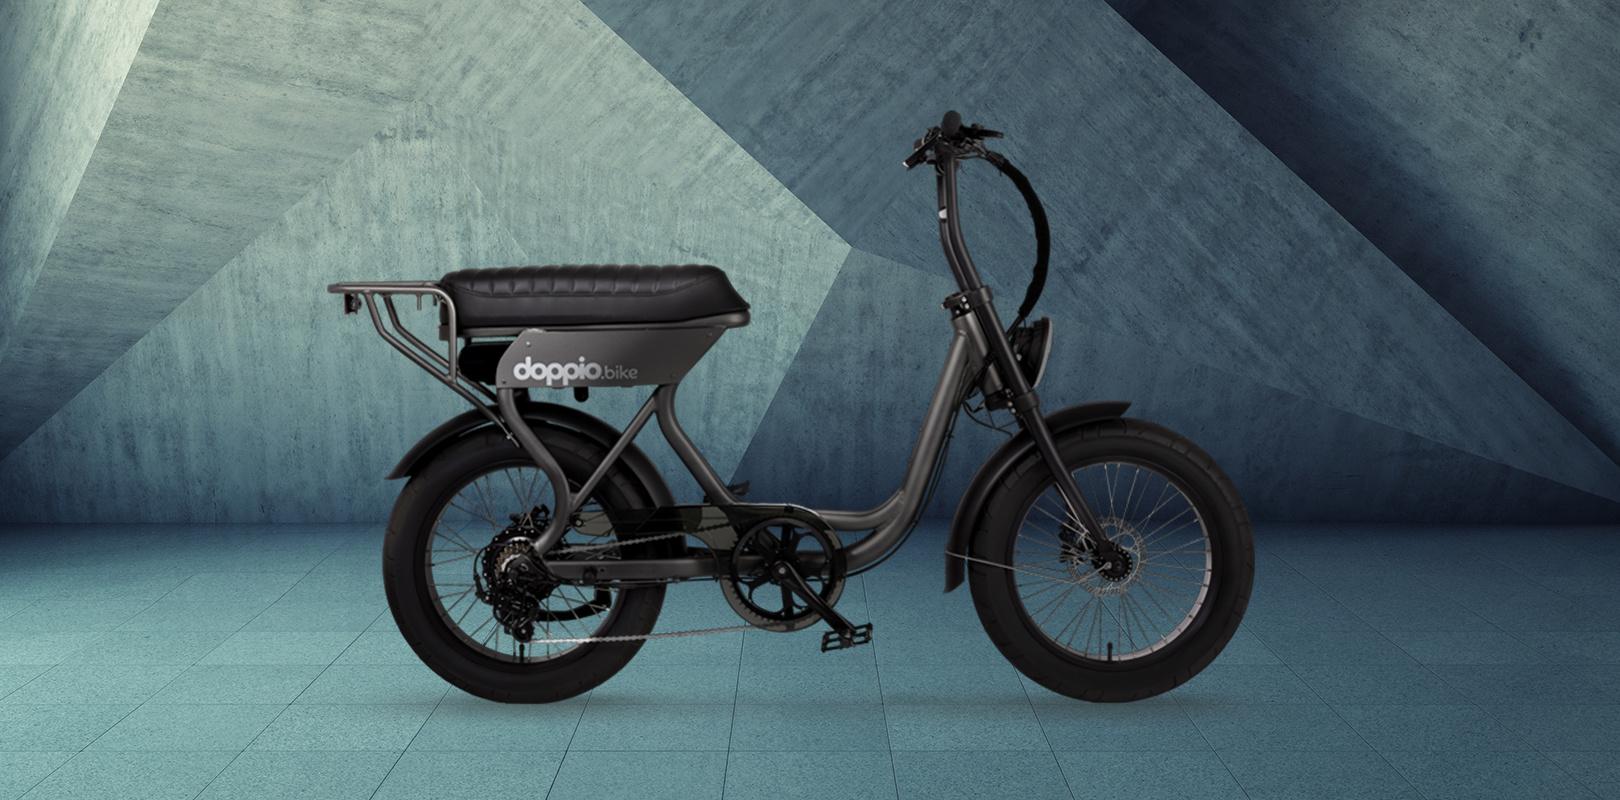 E-bike merk doppio haalt geld op bij investeerder Airbridge en start crowdfunding